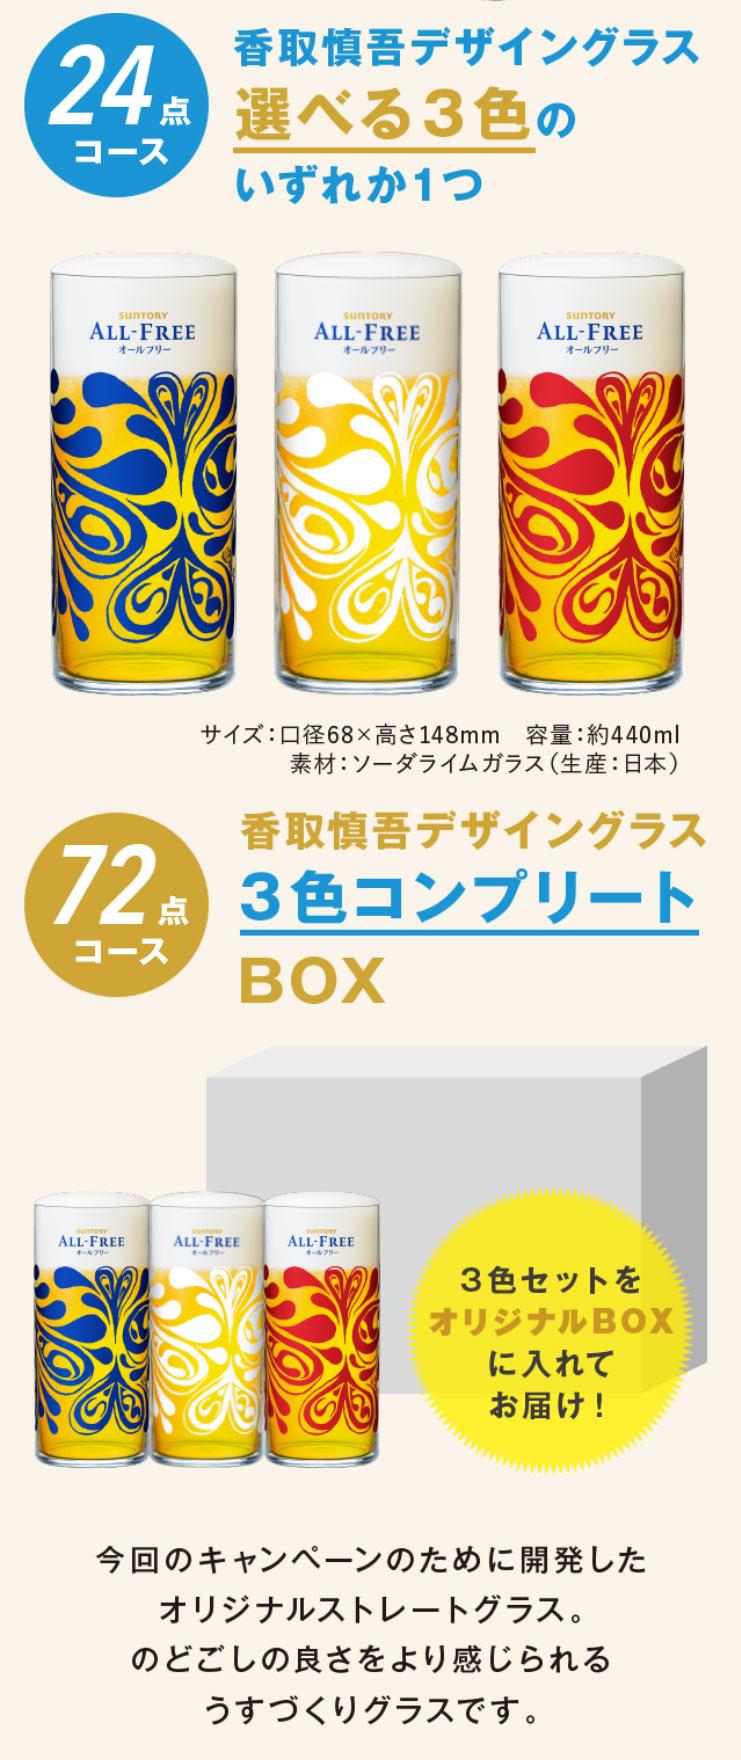 オールフリー 絶対もらえる香取慎吾グラスキャンペーン プレゼント懸賞品